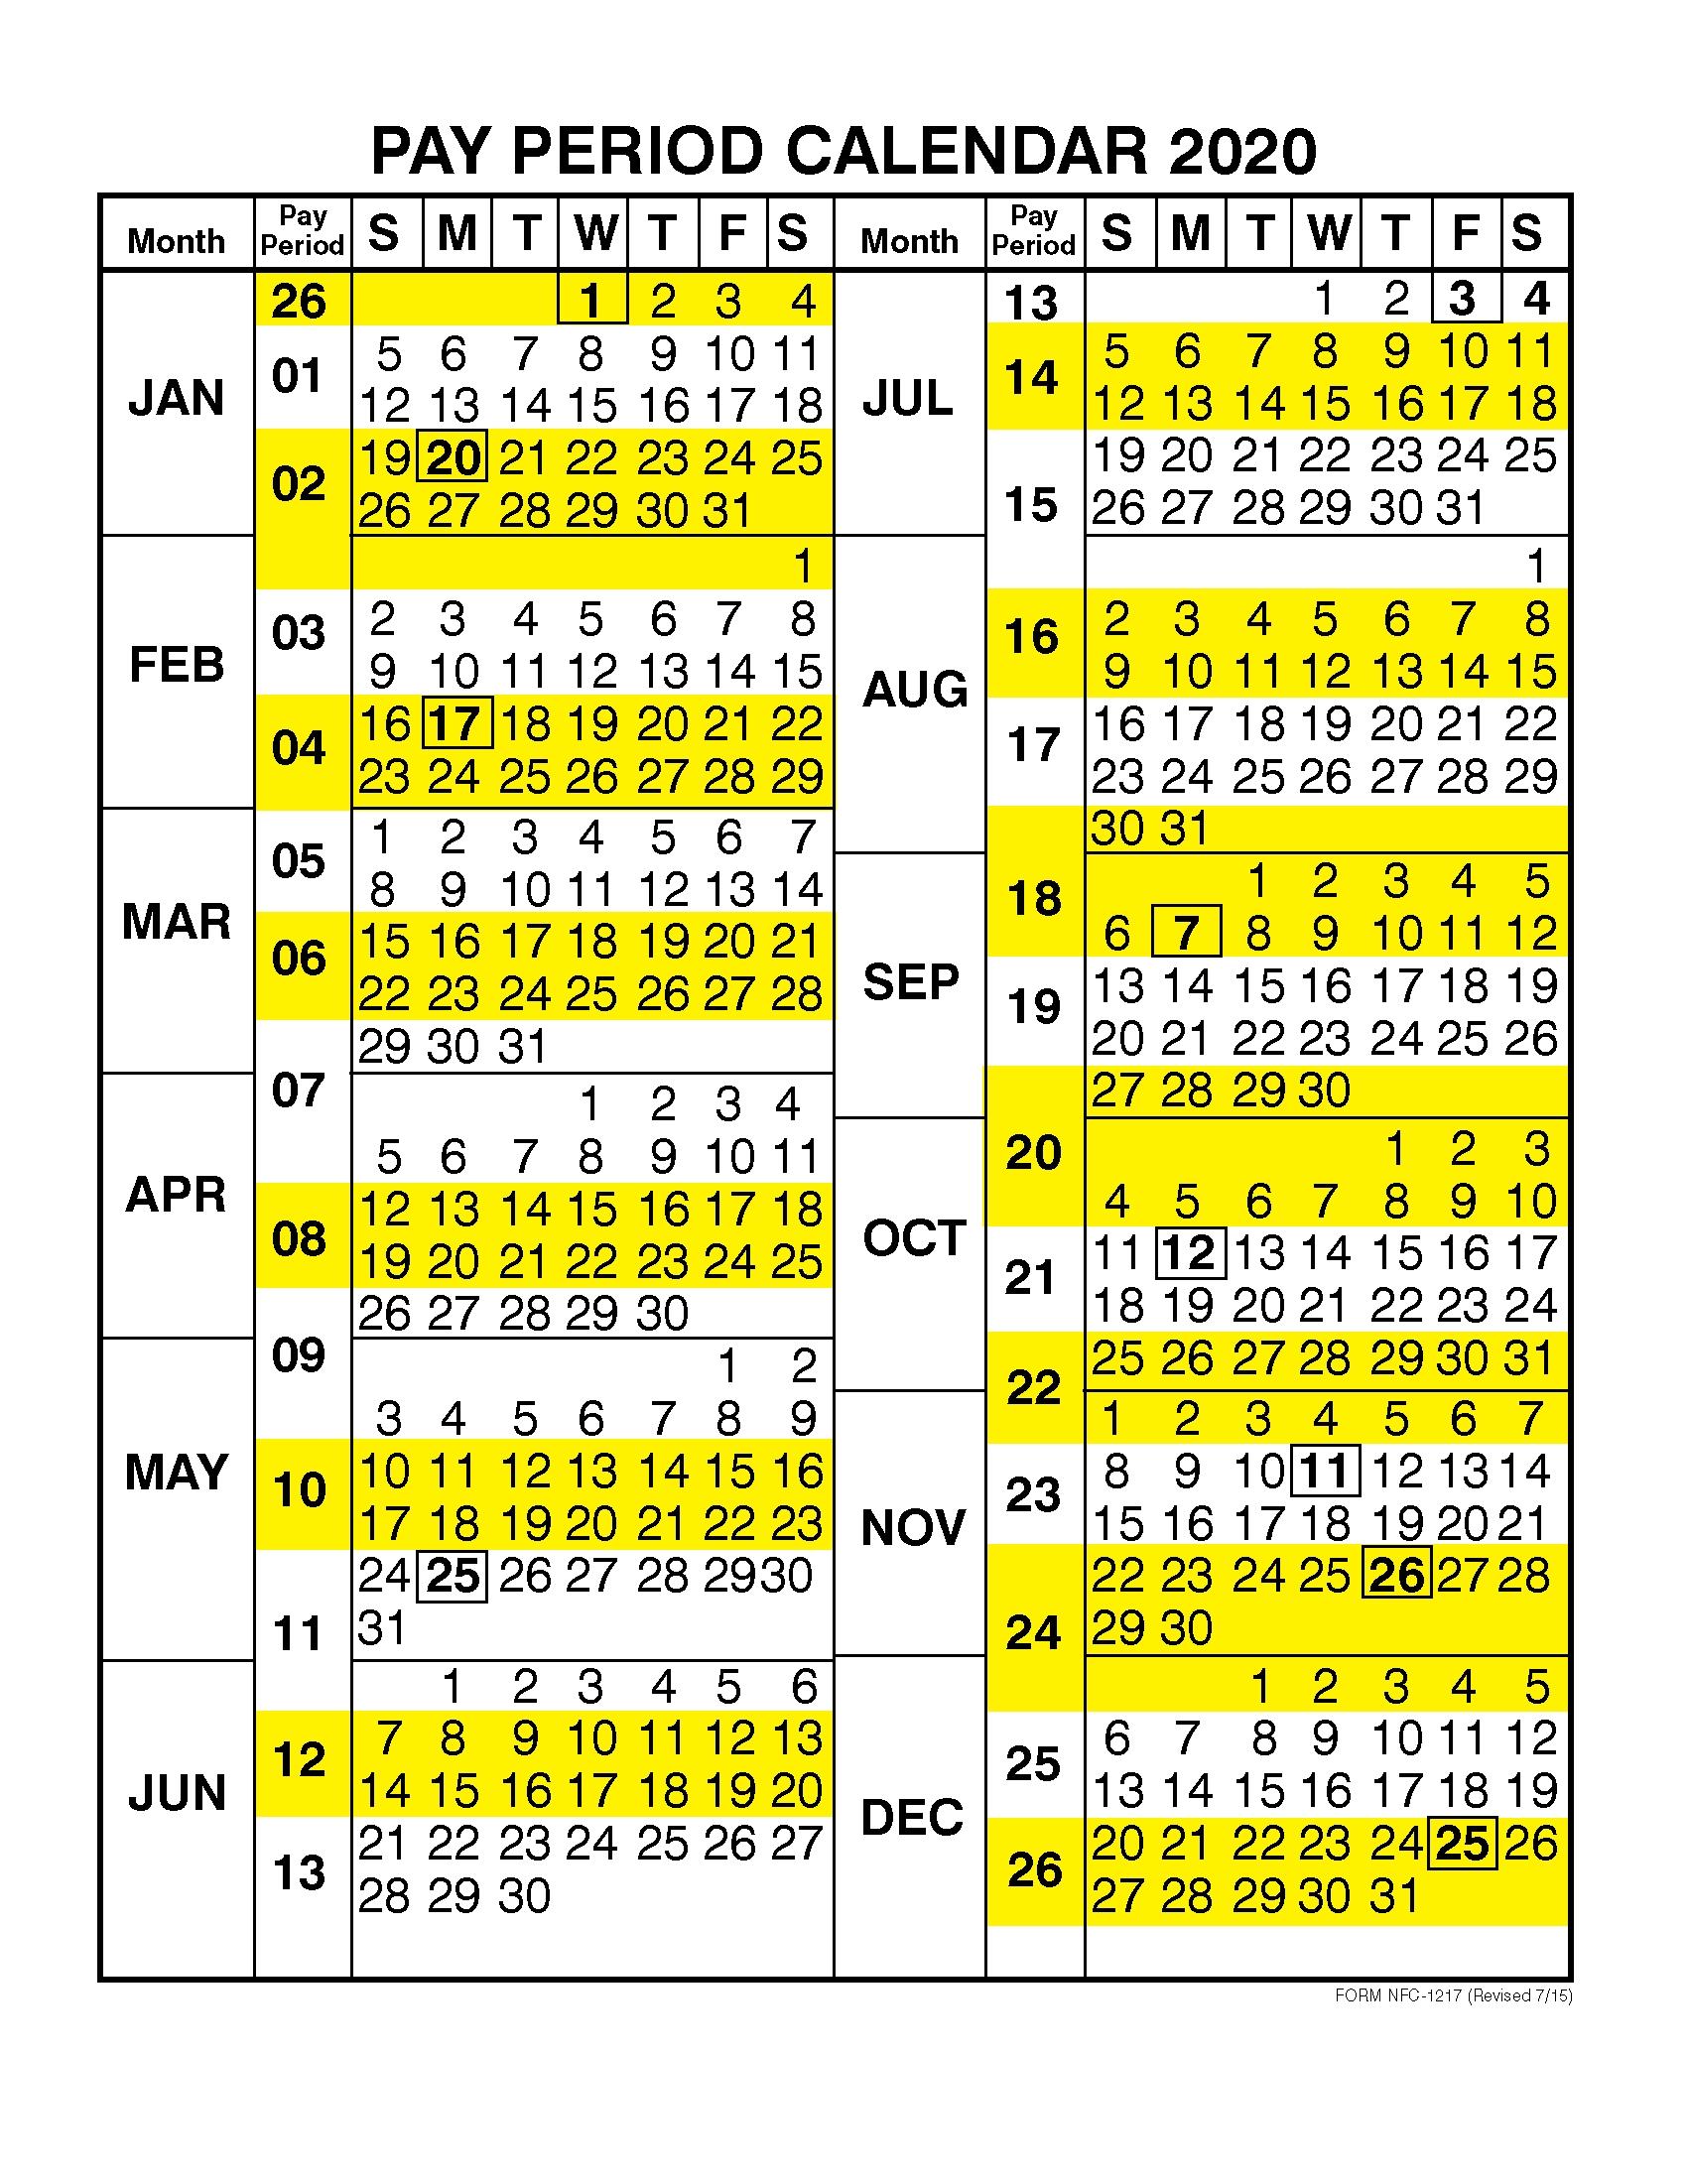 Dfas Payroll Calendar 2020 | 2021 Pay Periods Calendar  Opm Federal Pay Period Payroll Calendar 2020